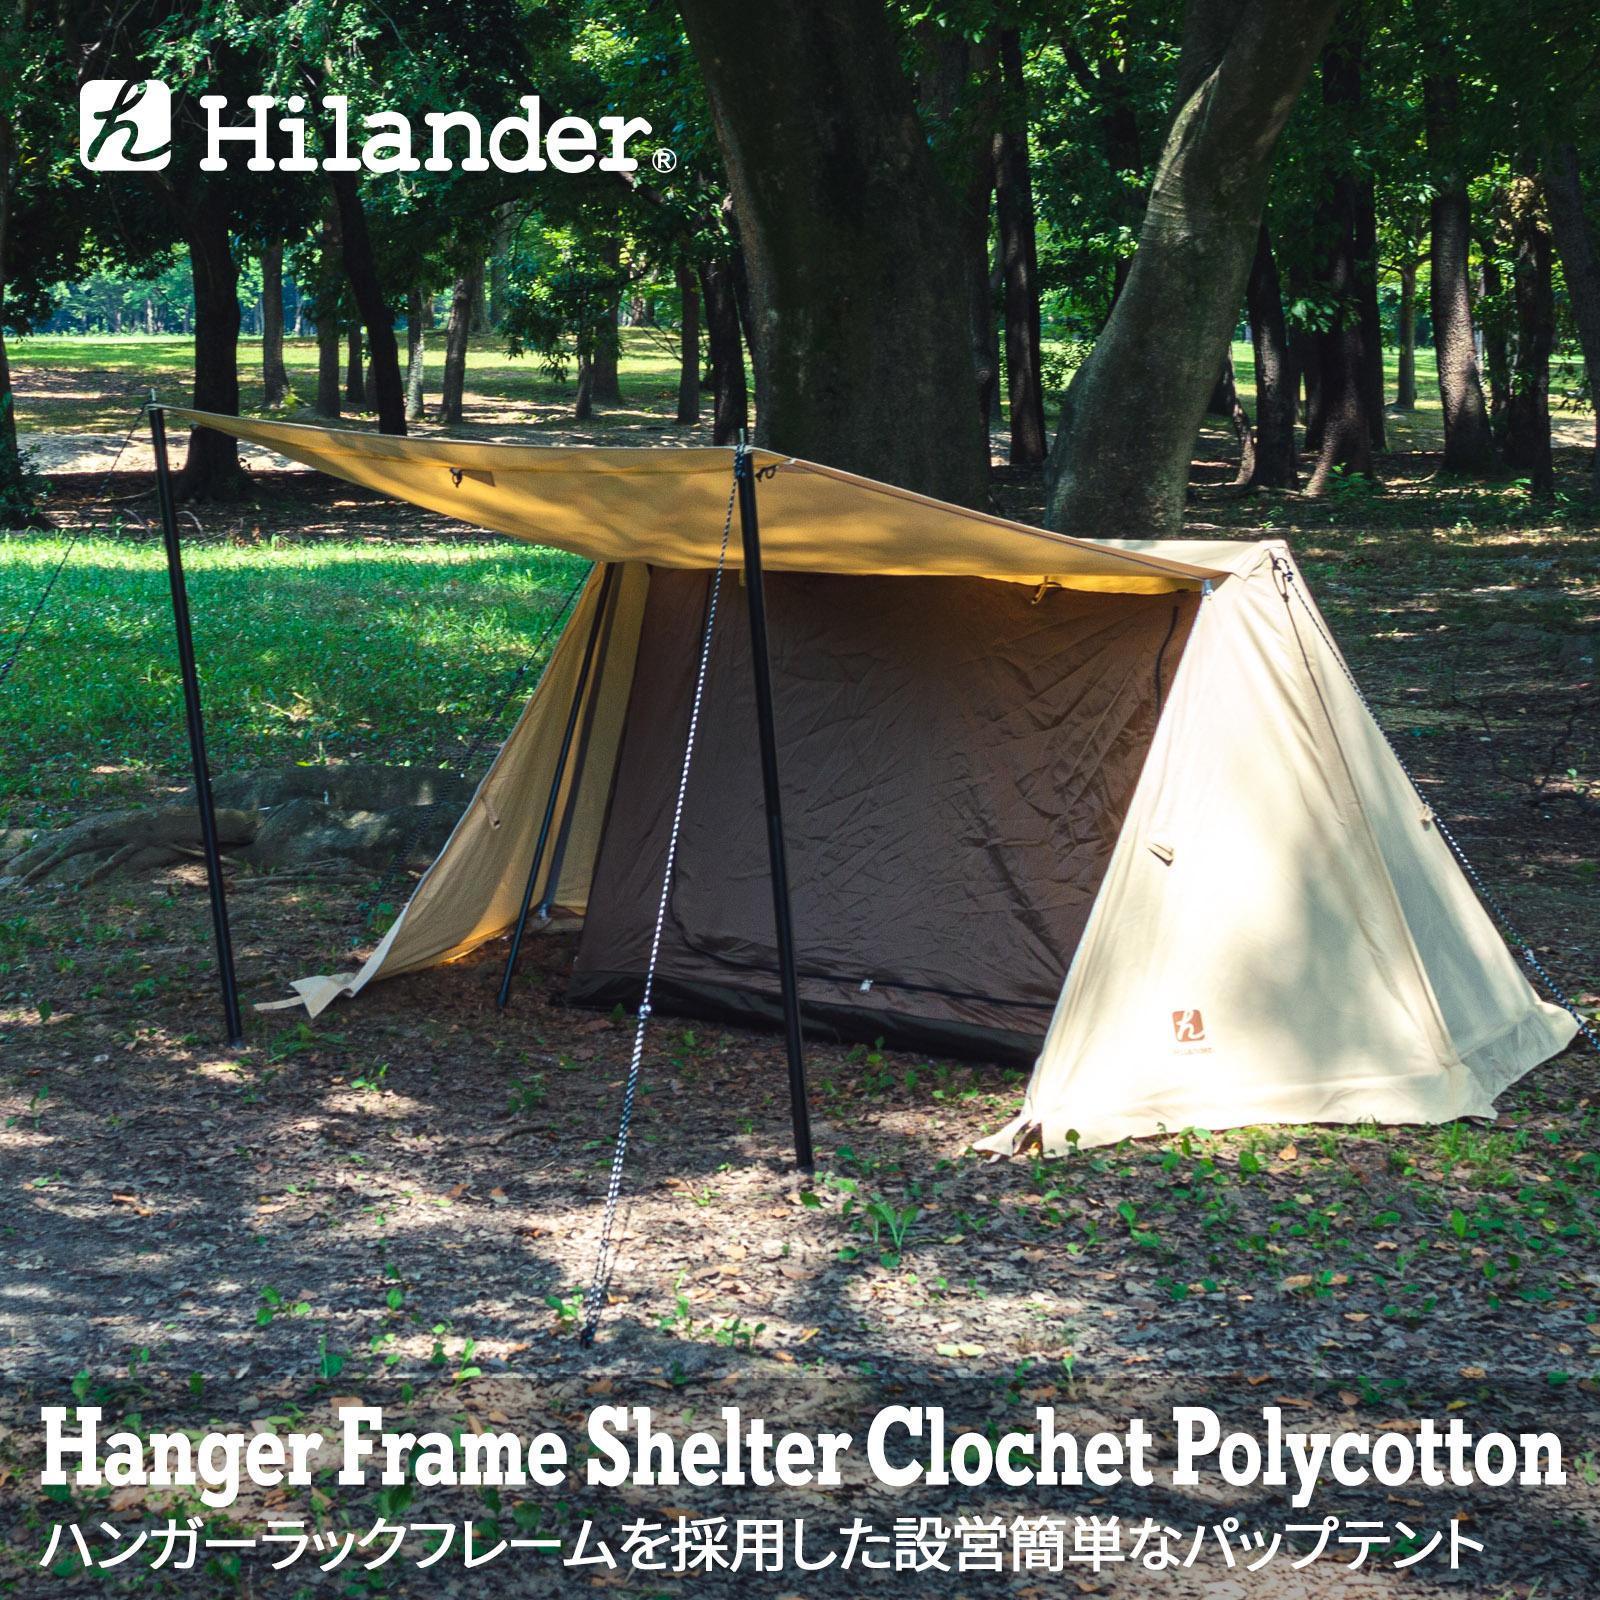 テント Hilander(ハイランダー) ハンガーフレームシェルター クロシェト ポリコットン スタートパッケージ HCB-008SET